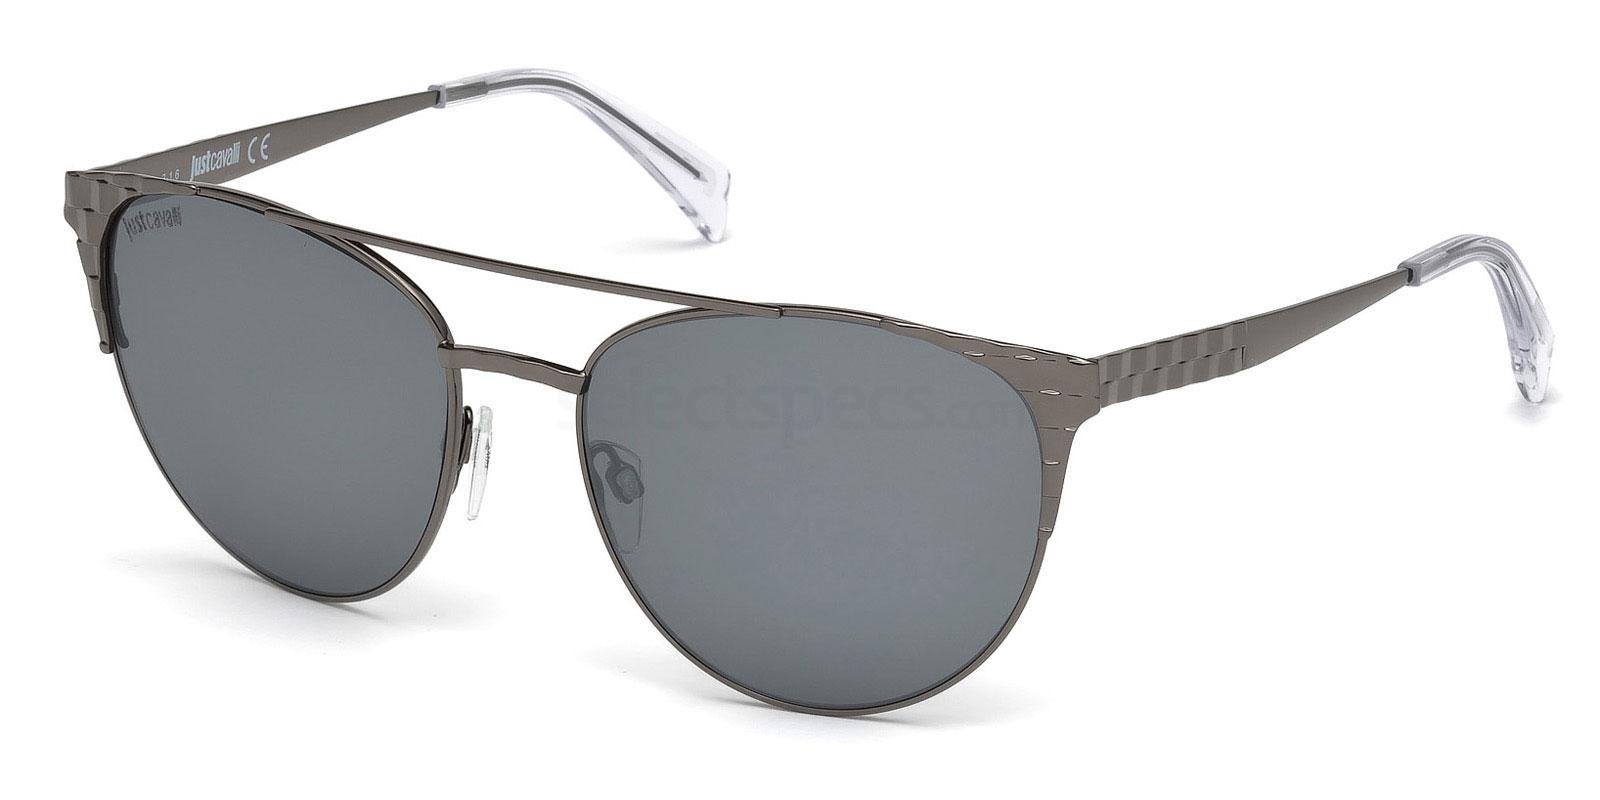 08C JC750S Sunglasses, Just Cavalli